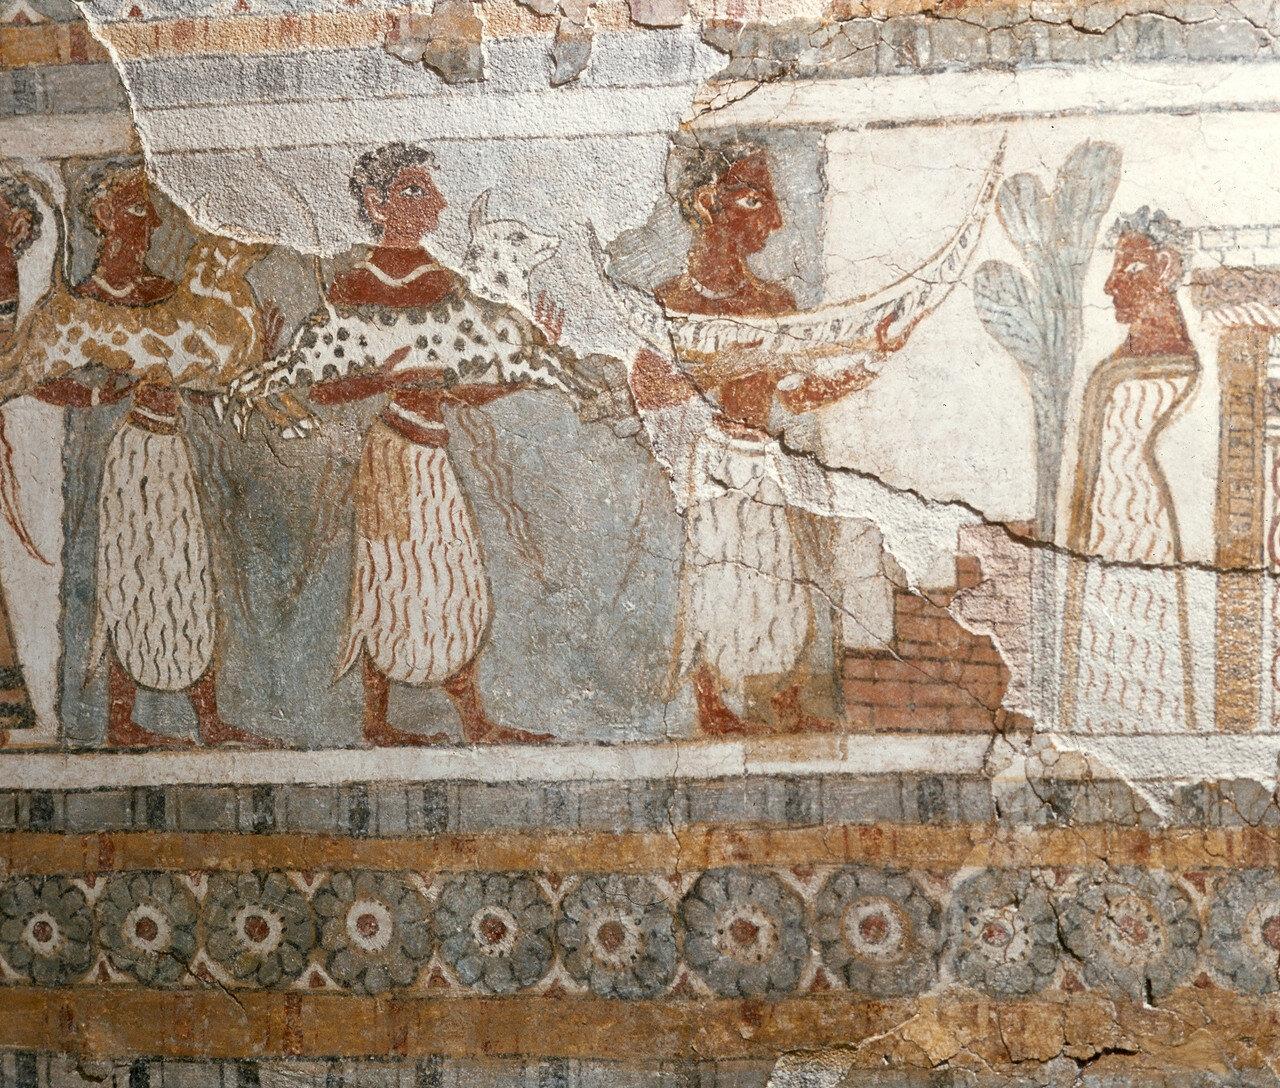 Ираклион. Археологический музей. Саркофаг из Агиа Триады со сценами обряда погребения — «трапезы мёртвых». 1400 г. до н. э.